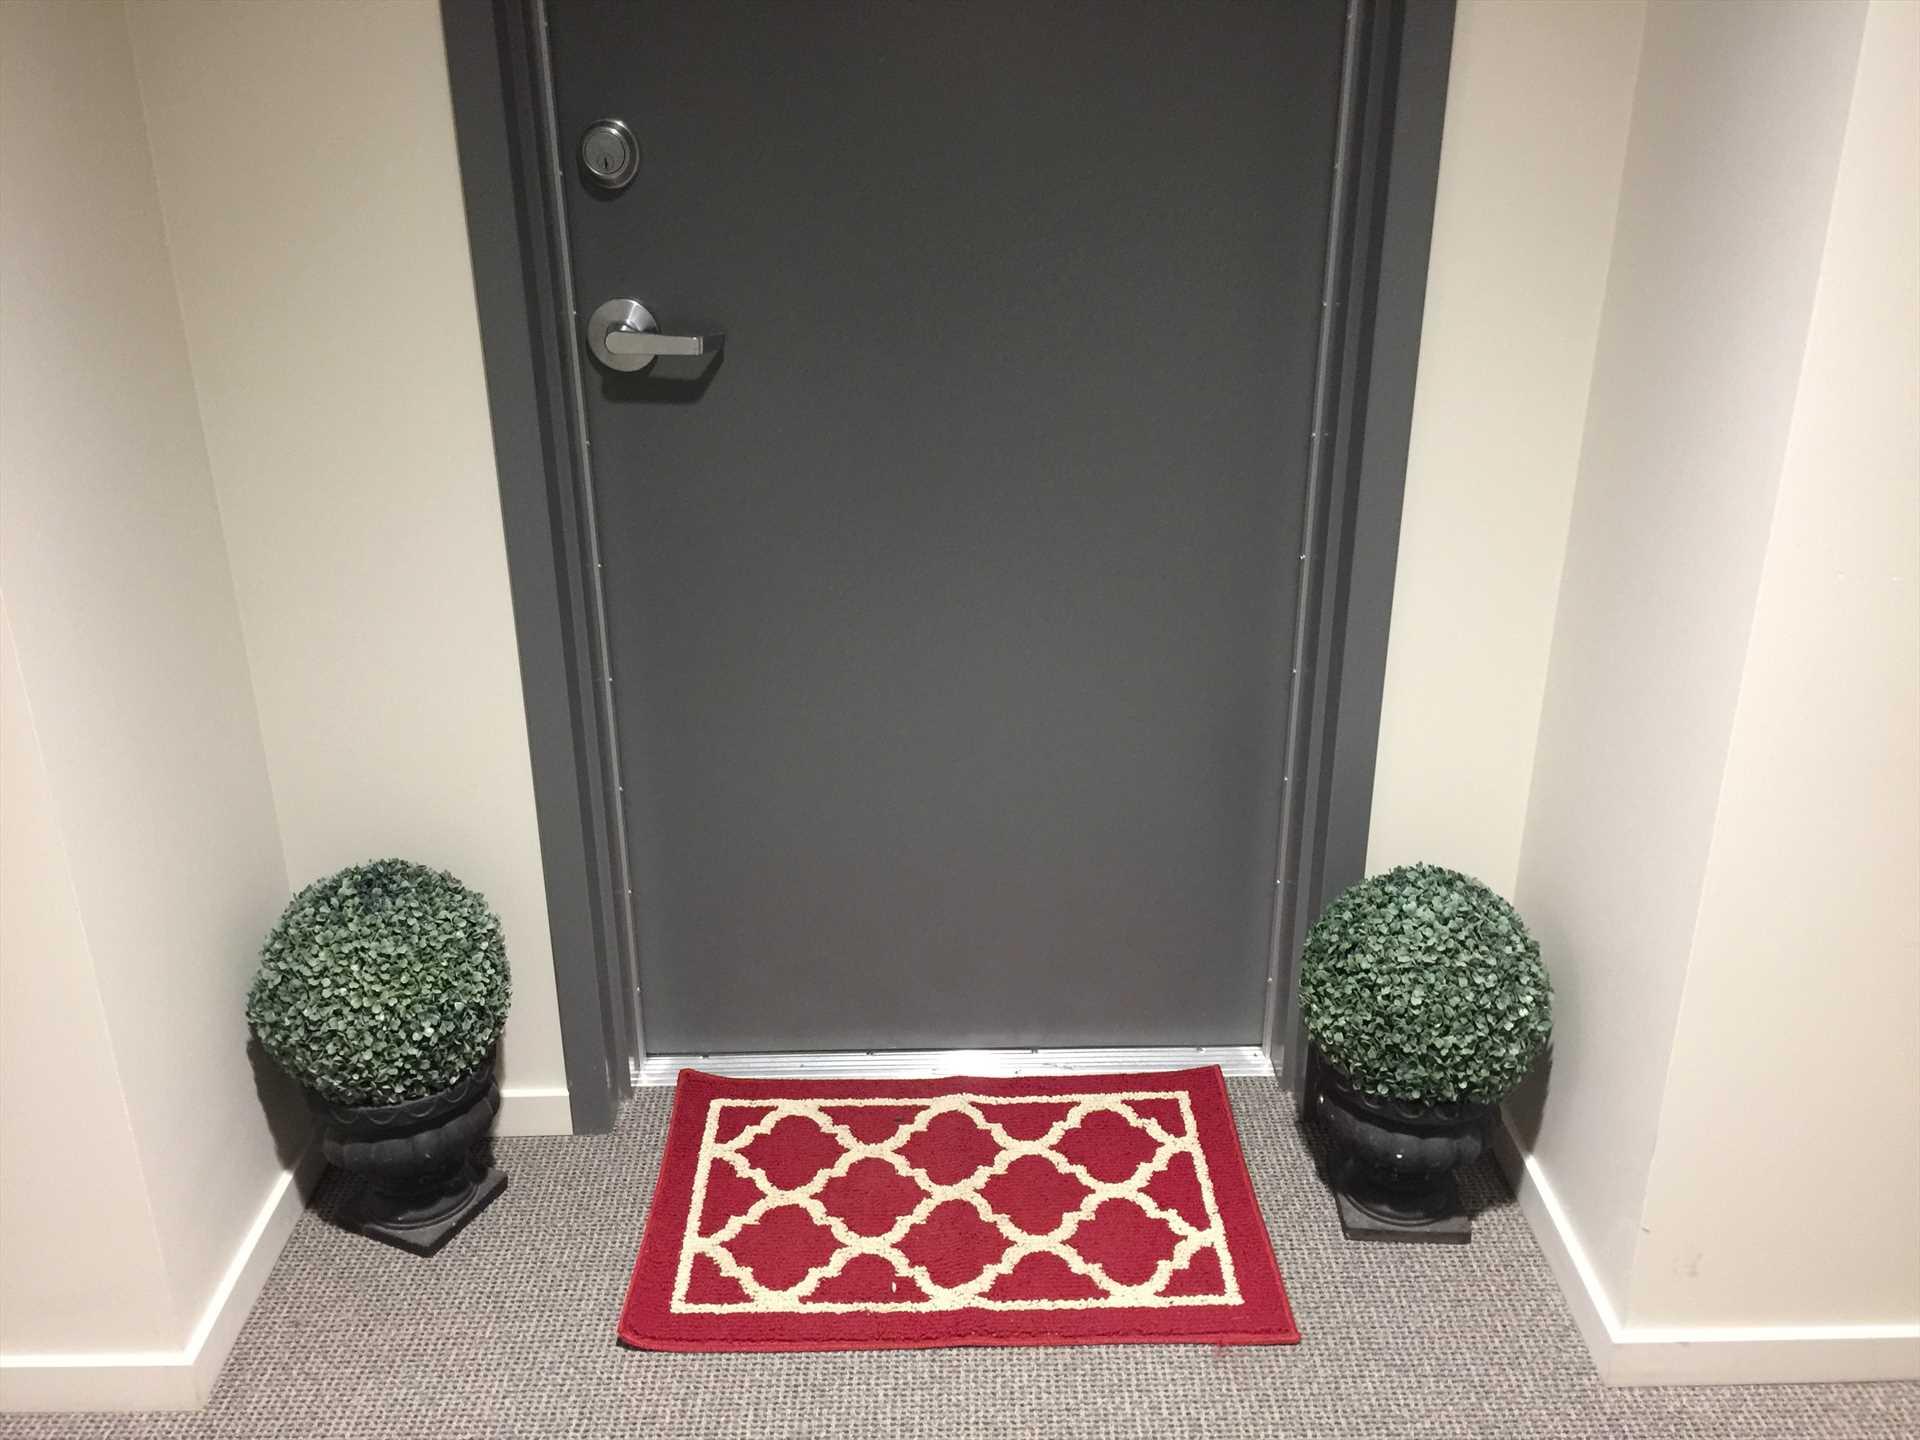 Condo Door